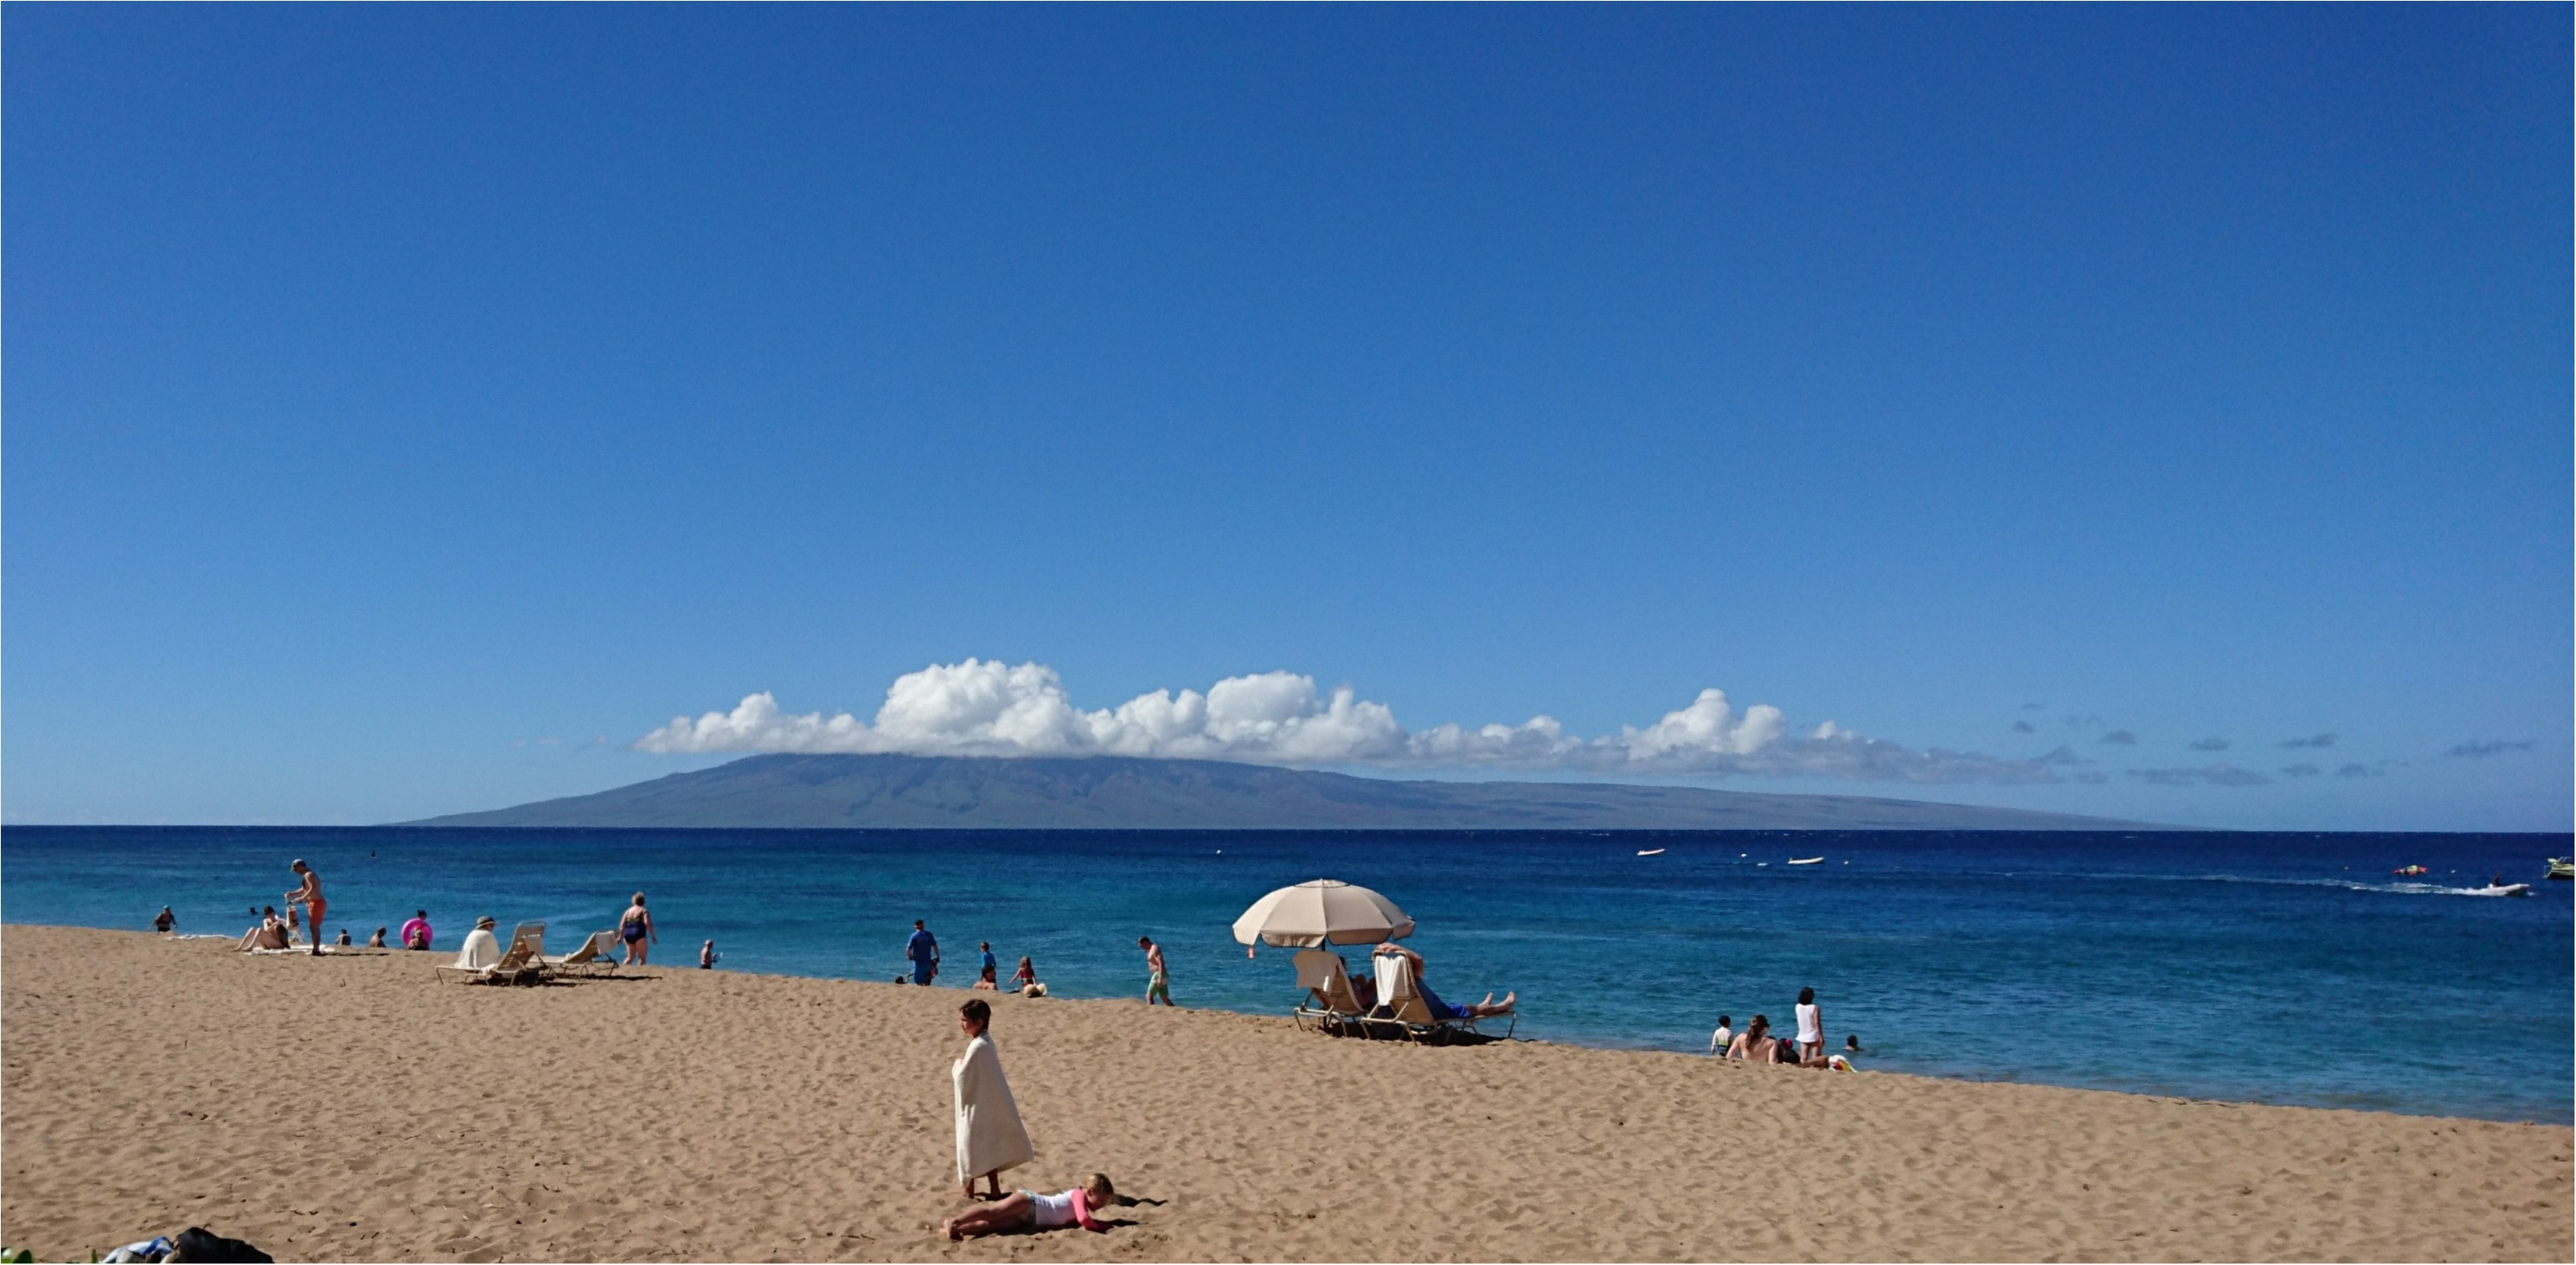 【trip】ハワイはホノルルだけじゃない!次は絶対おすすめのマウイ島へ♡_5